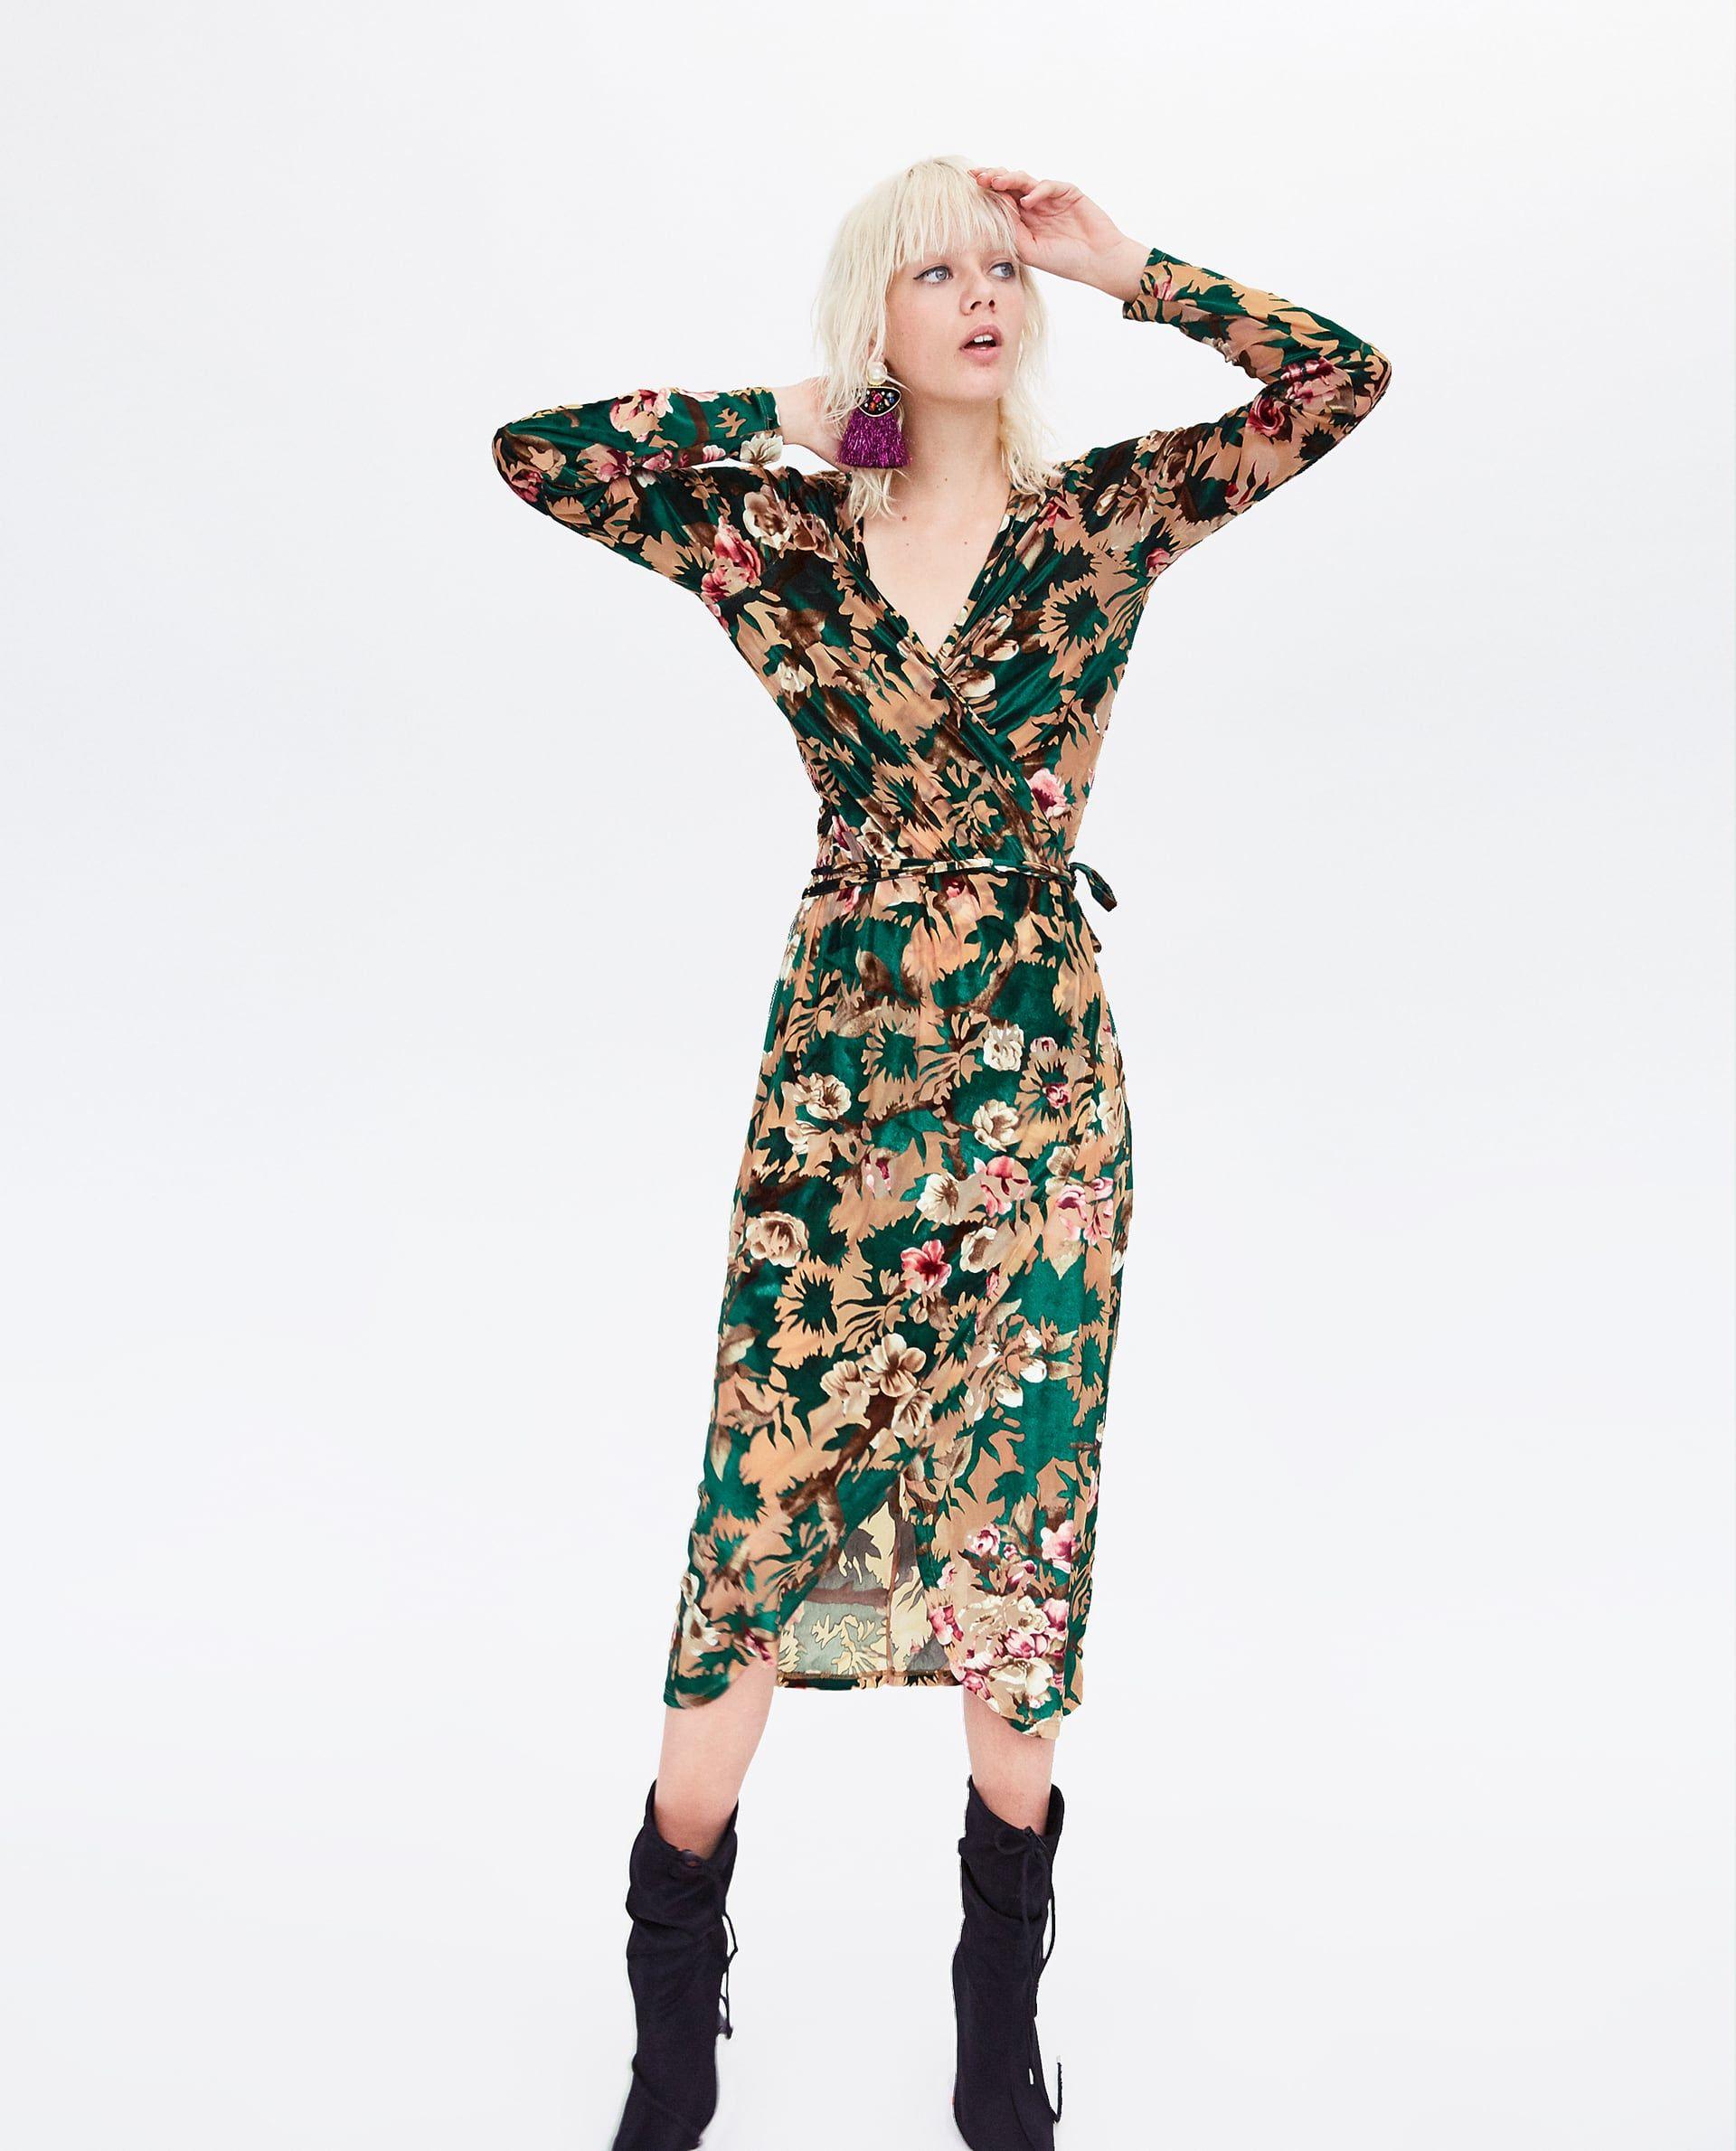 VELVET DRESS | Zara velvet dress, Dresses, Fashion